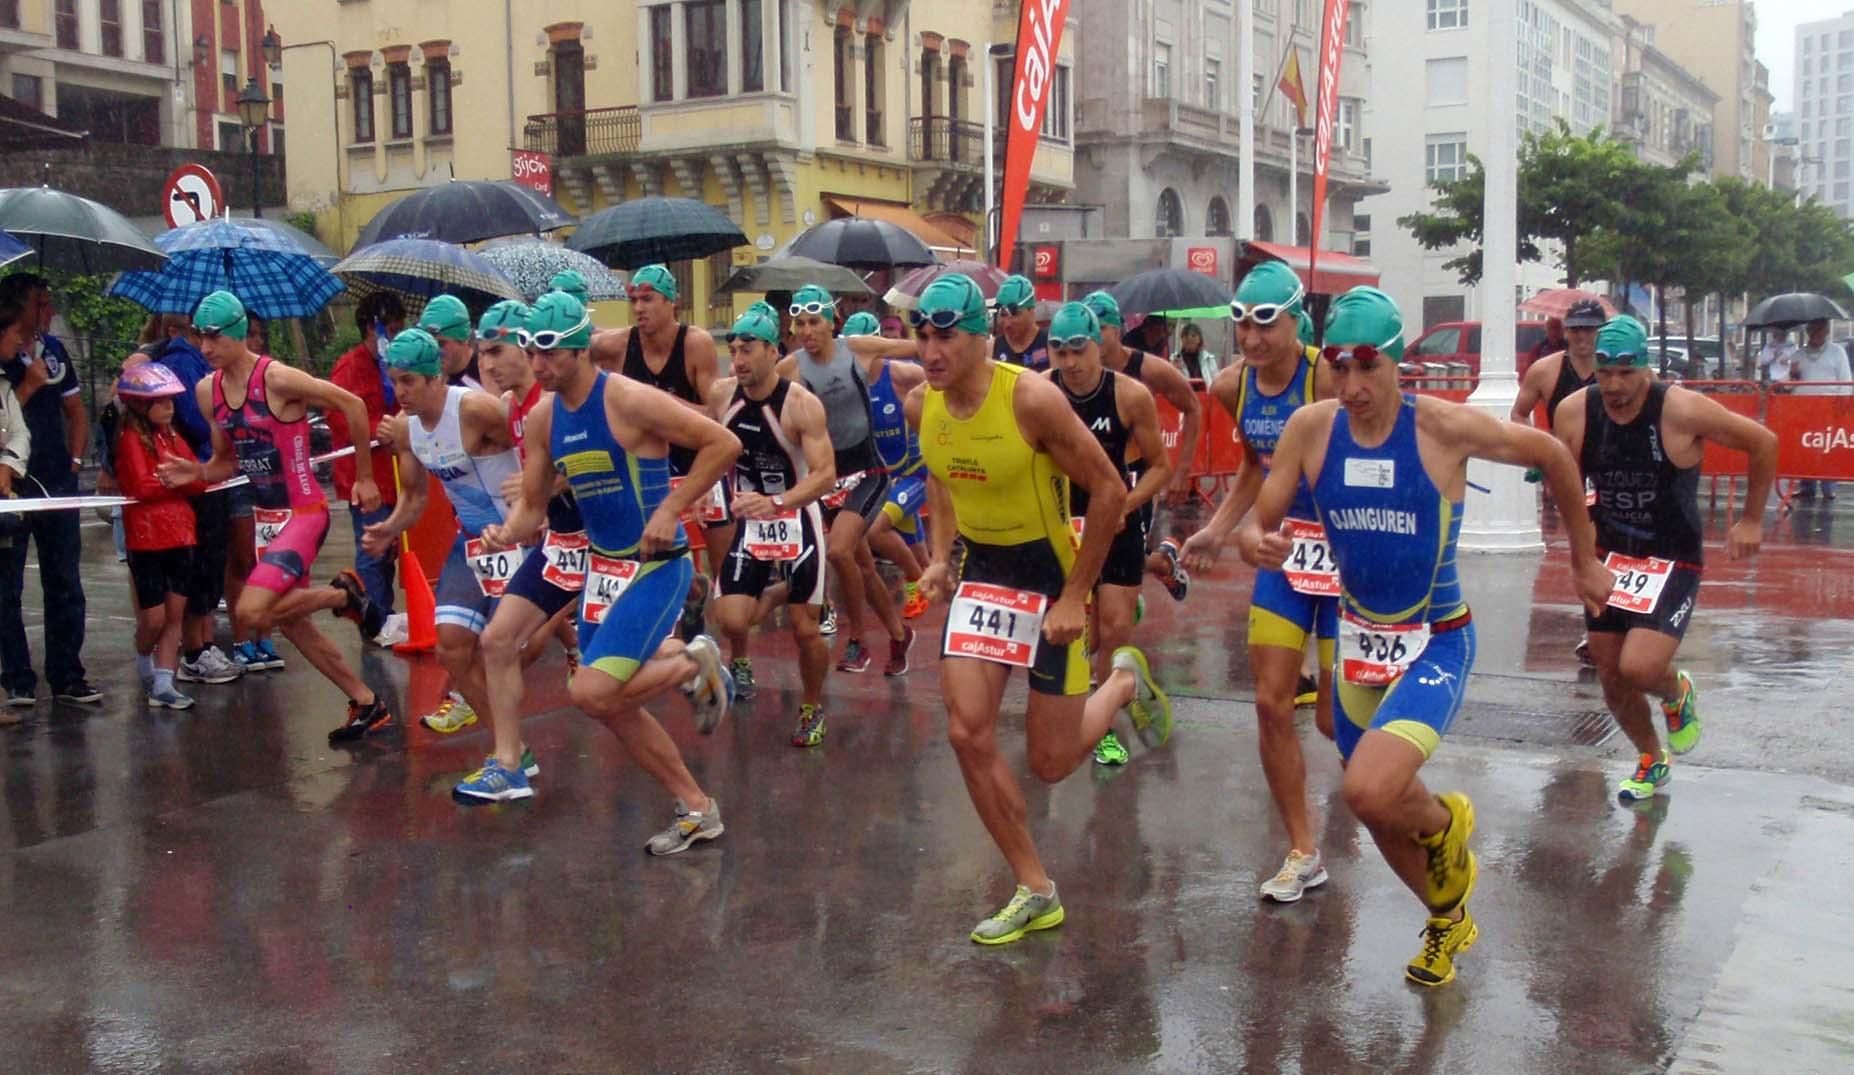 Campeonato España Biatlon 2012 (Gijon)